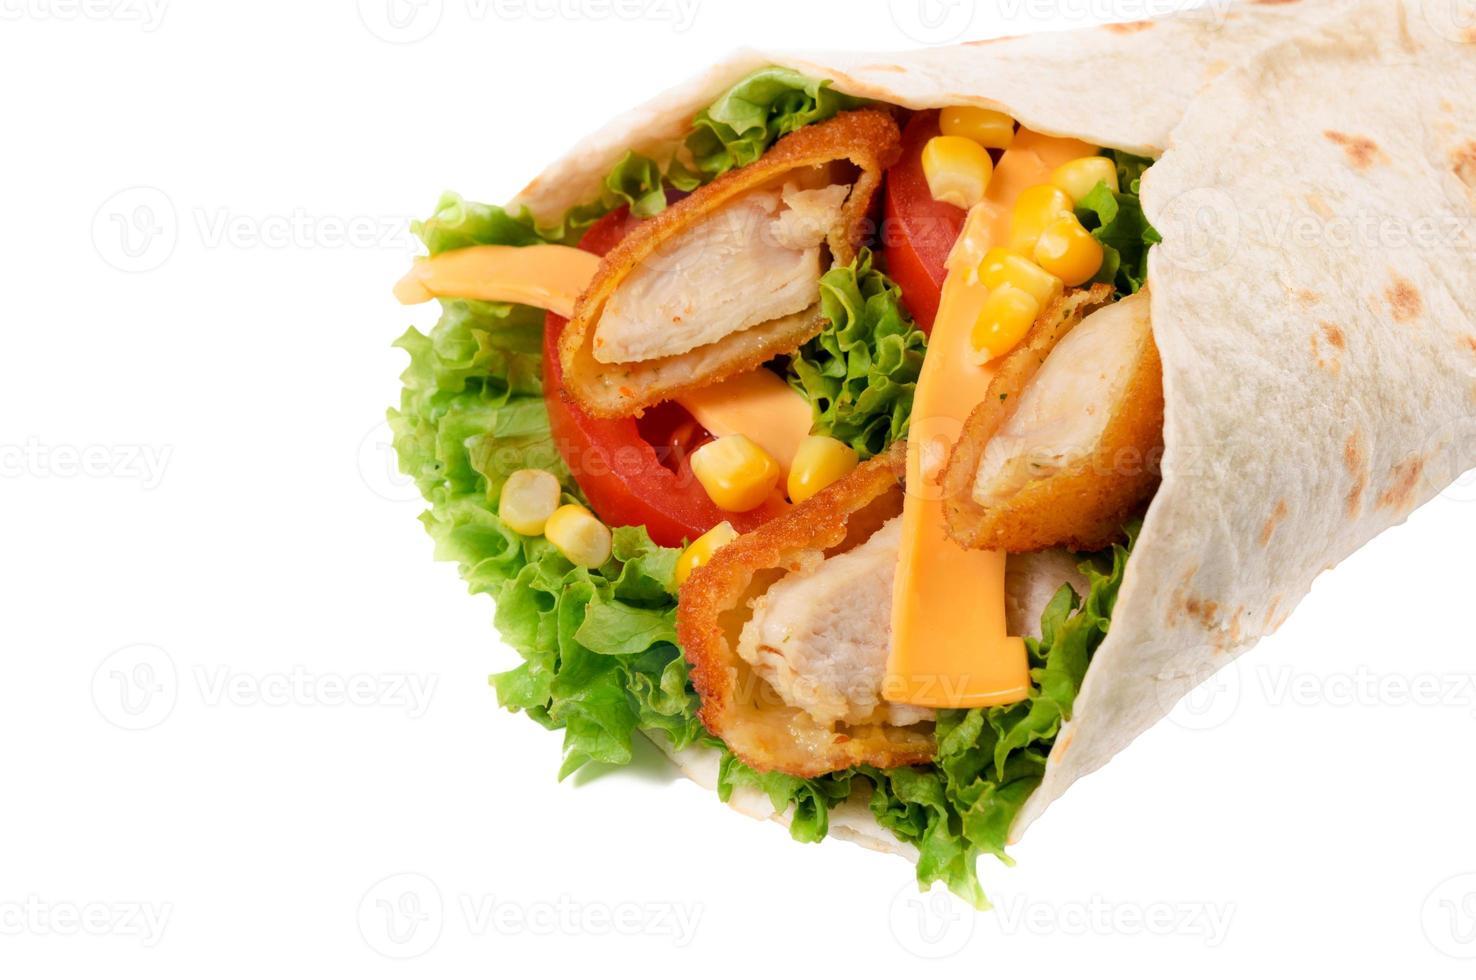 kyckling wrap isolerade foto